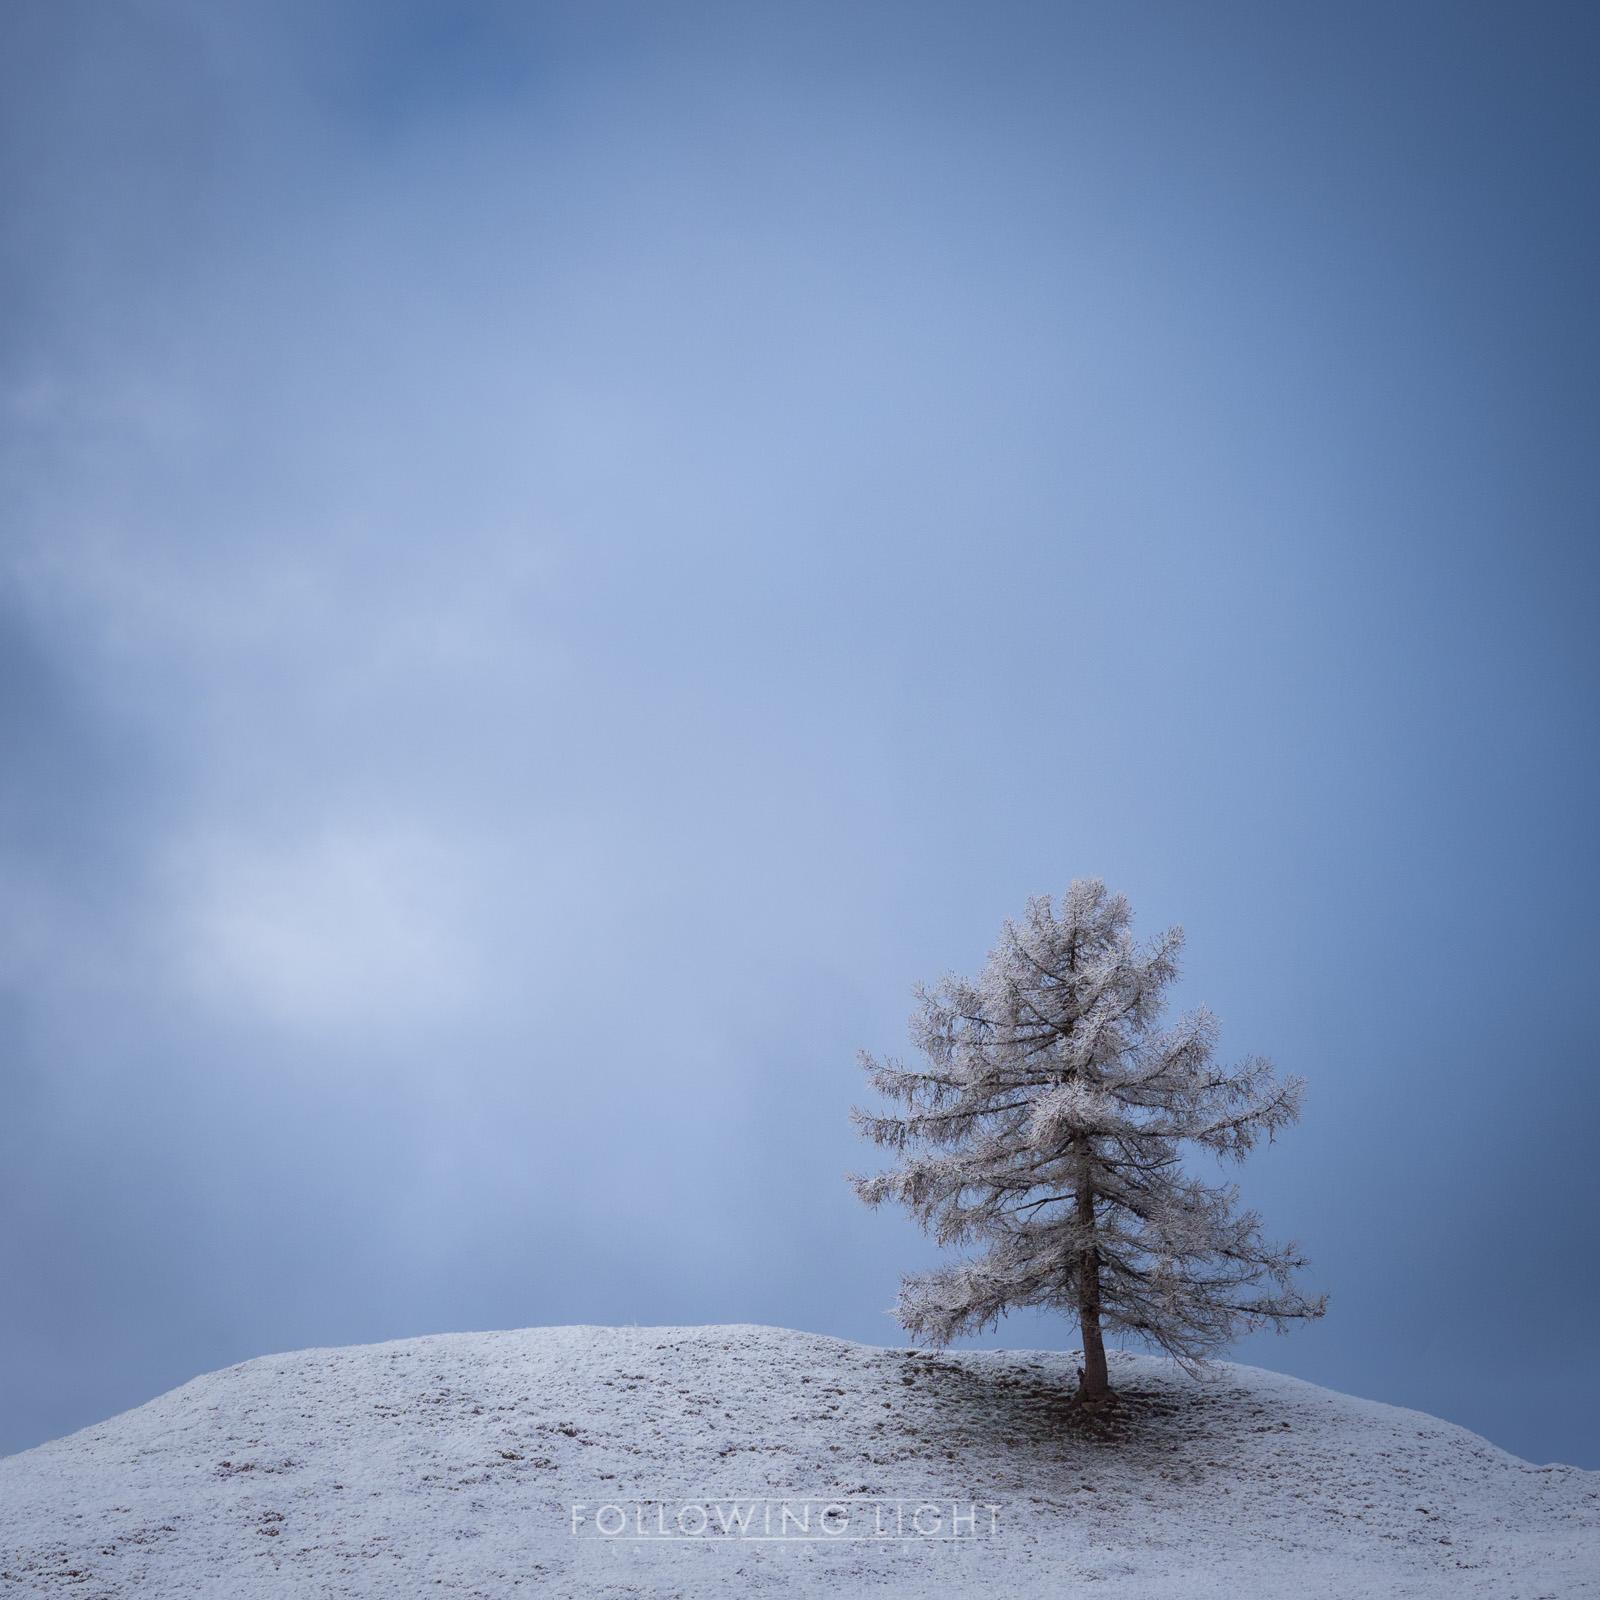 #myswitzerland#landscapephotomag#InLoveWithSwitzerland#Switzerland#Graubünden